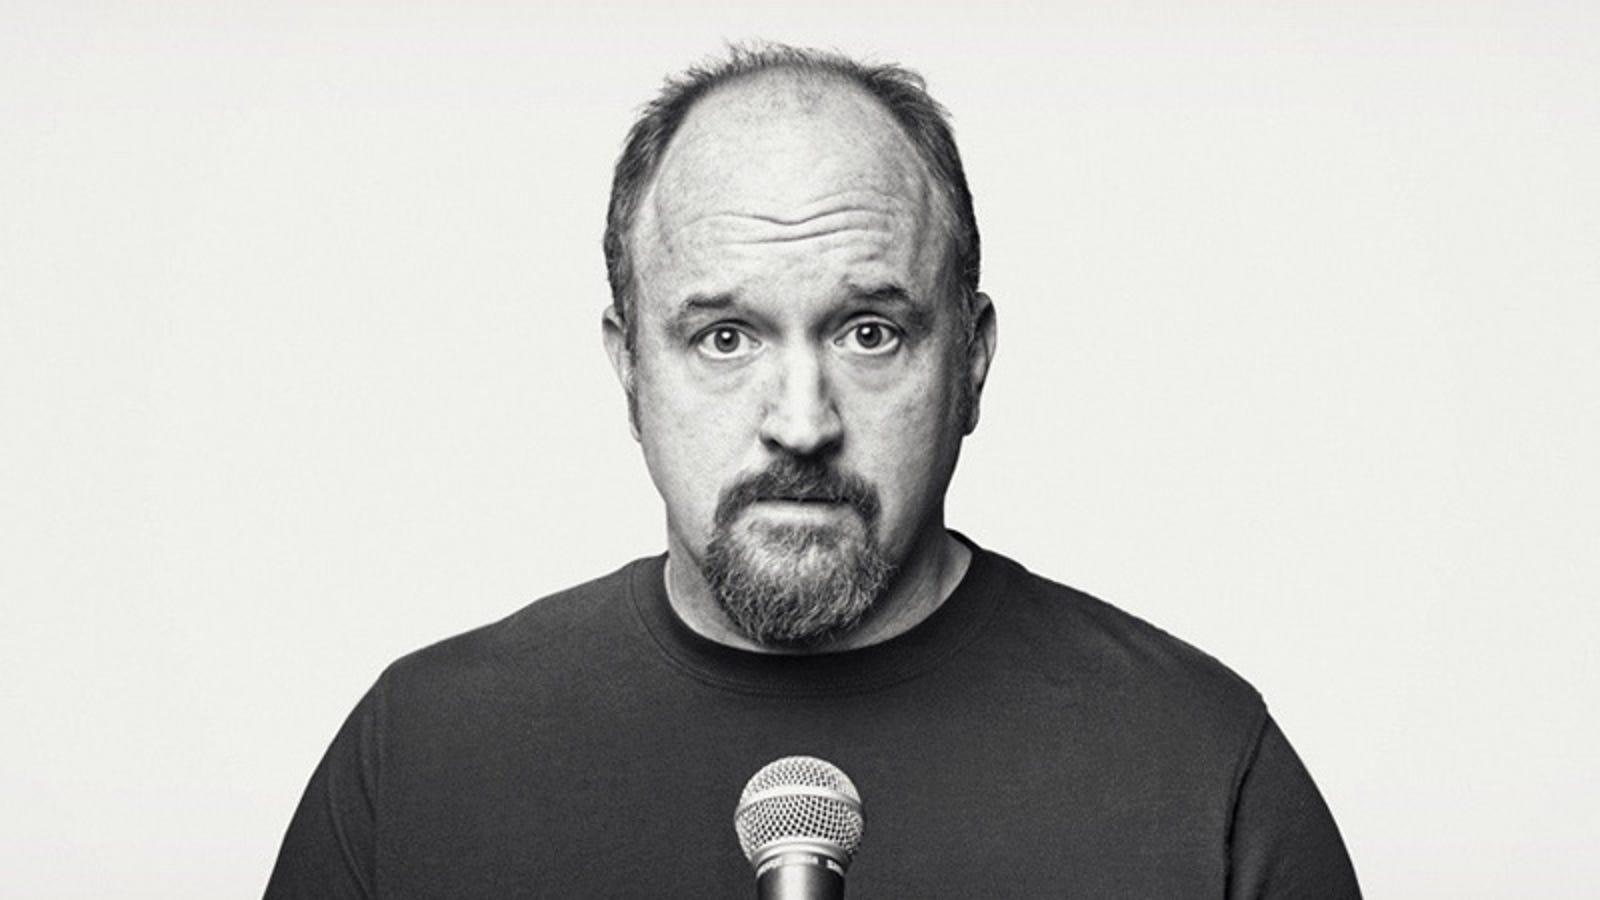 Las cuatro técnicas que usa Louis CK para que la gente se ría con sus chistes